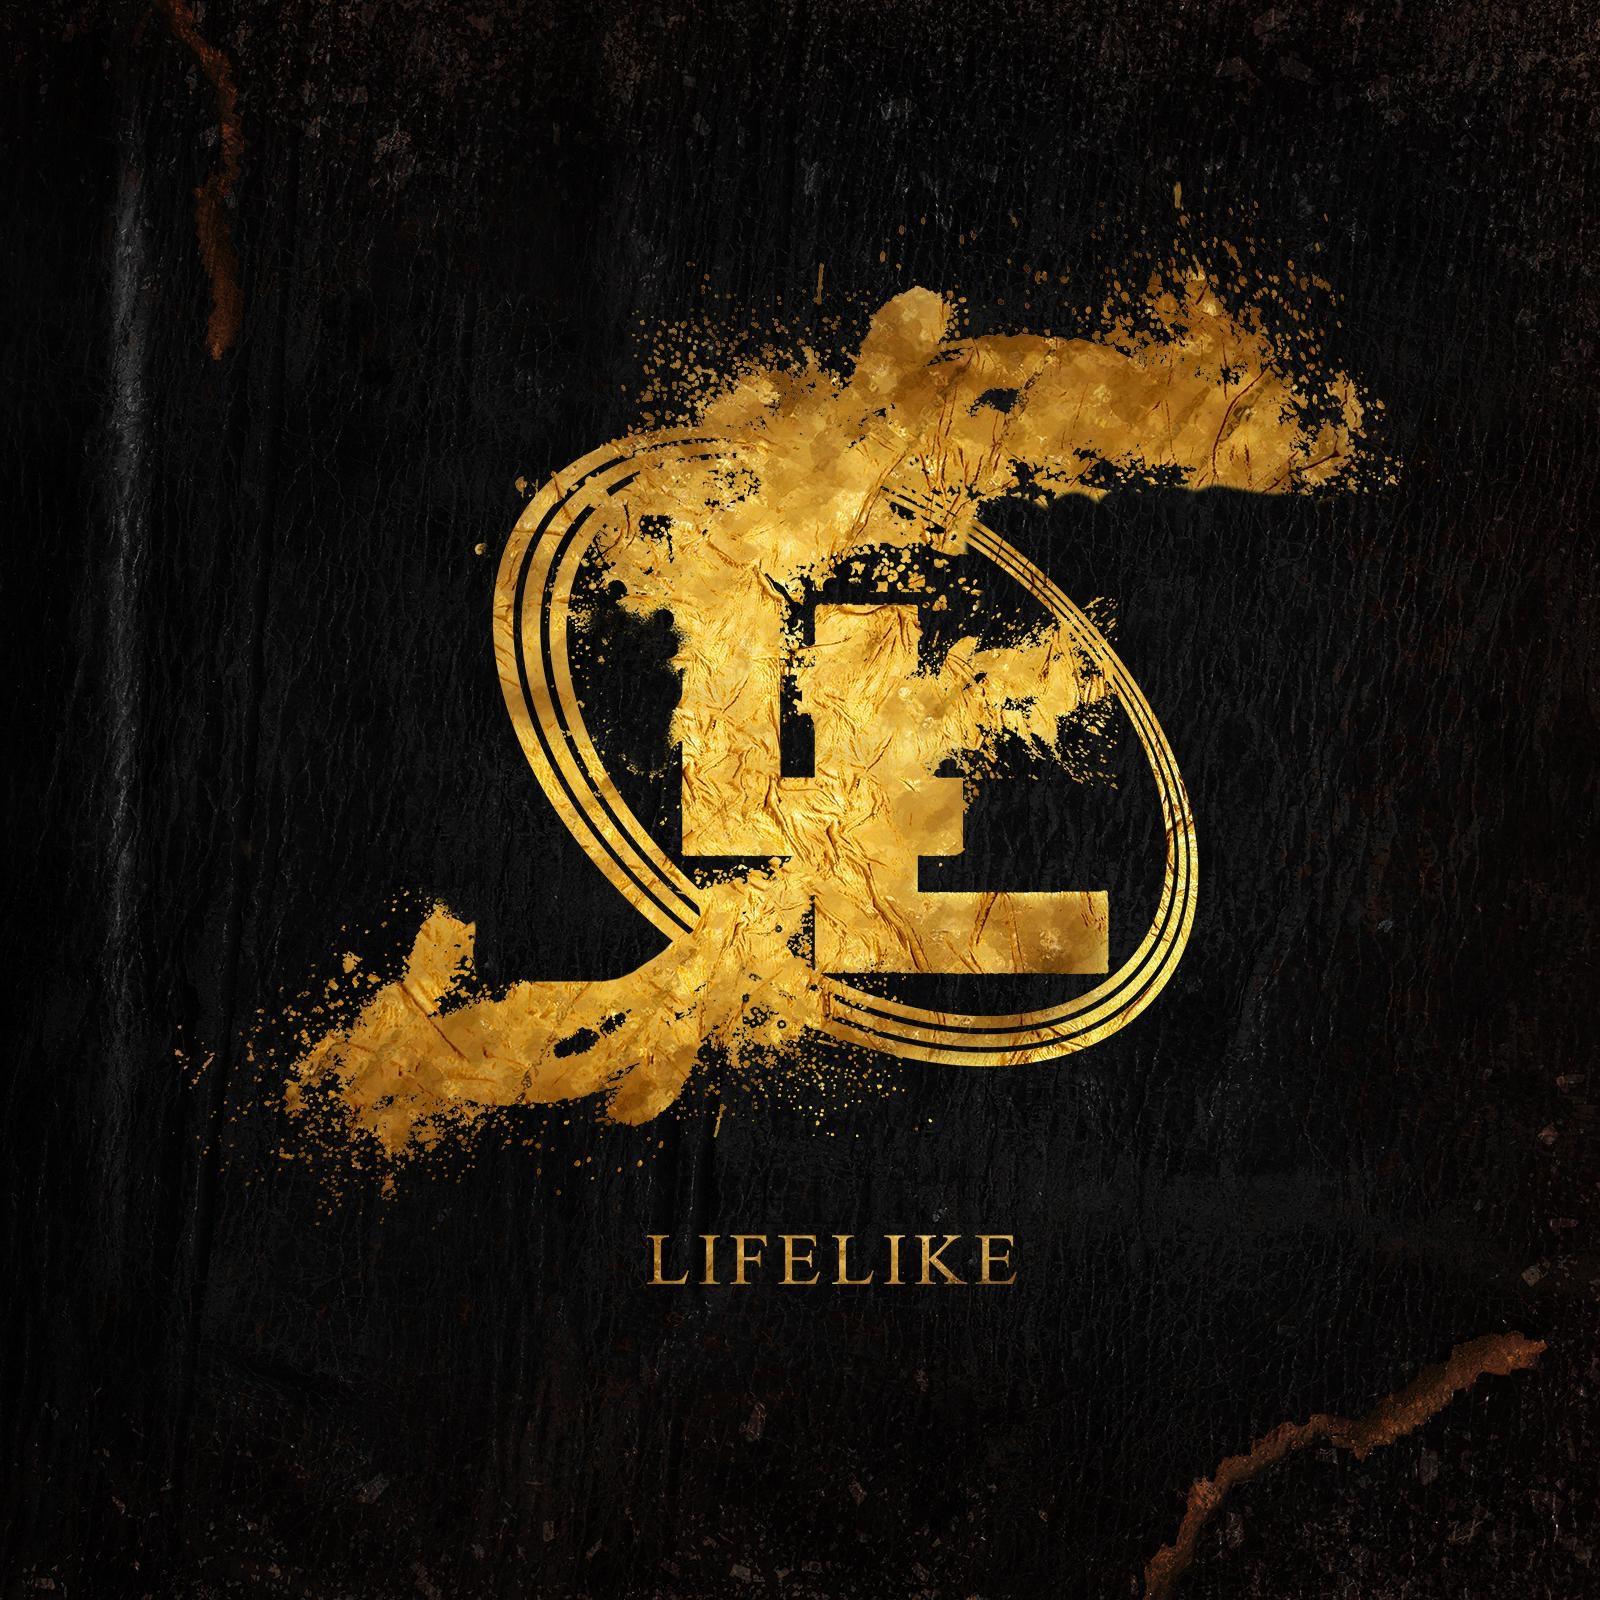 LifeLike - LifeLike [EP] (2015)